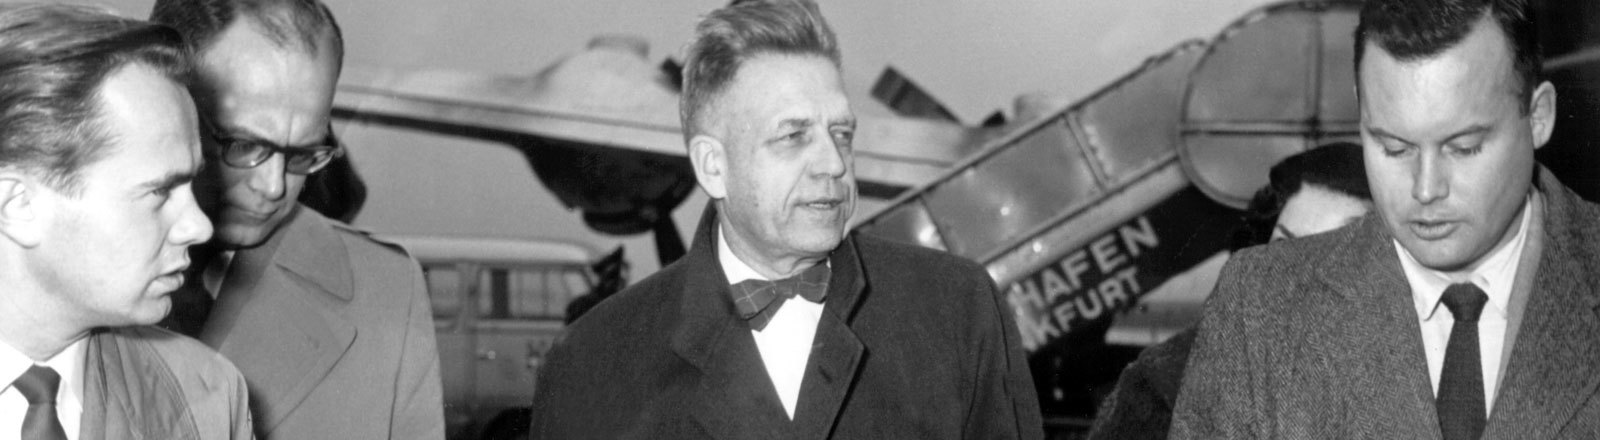 Der amerikanische Biologe und Sexualforscher Alfred Charles Kinsey wird am 22. November 1955 während einer Zwischenlandung auf dem Frankfurter Flughafen von Journalisten befragt.